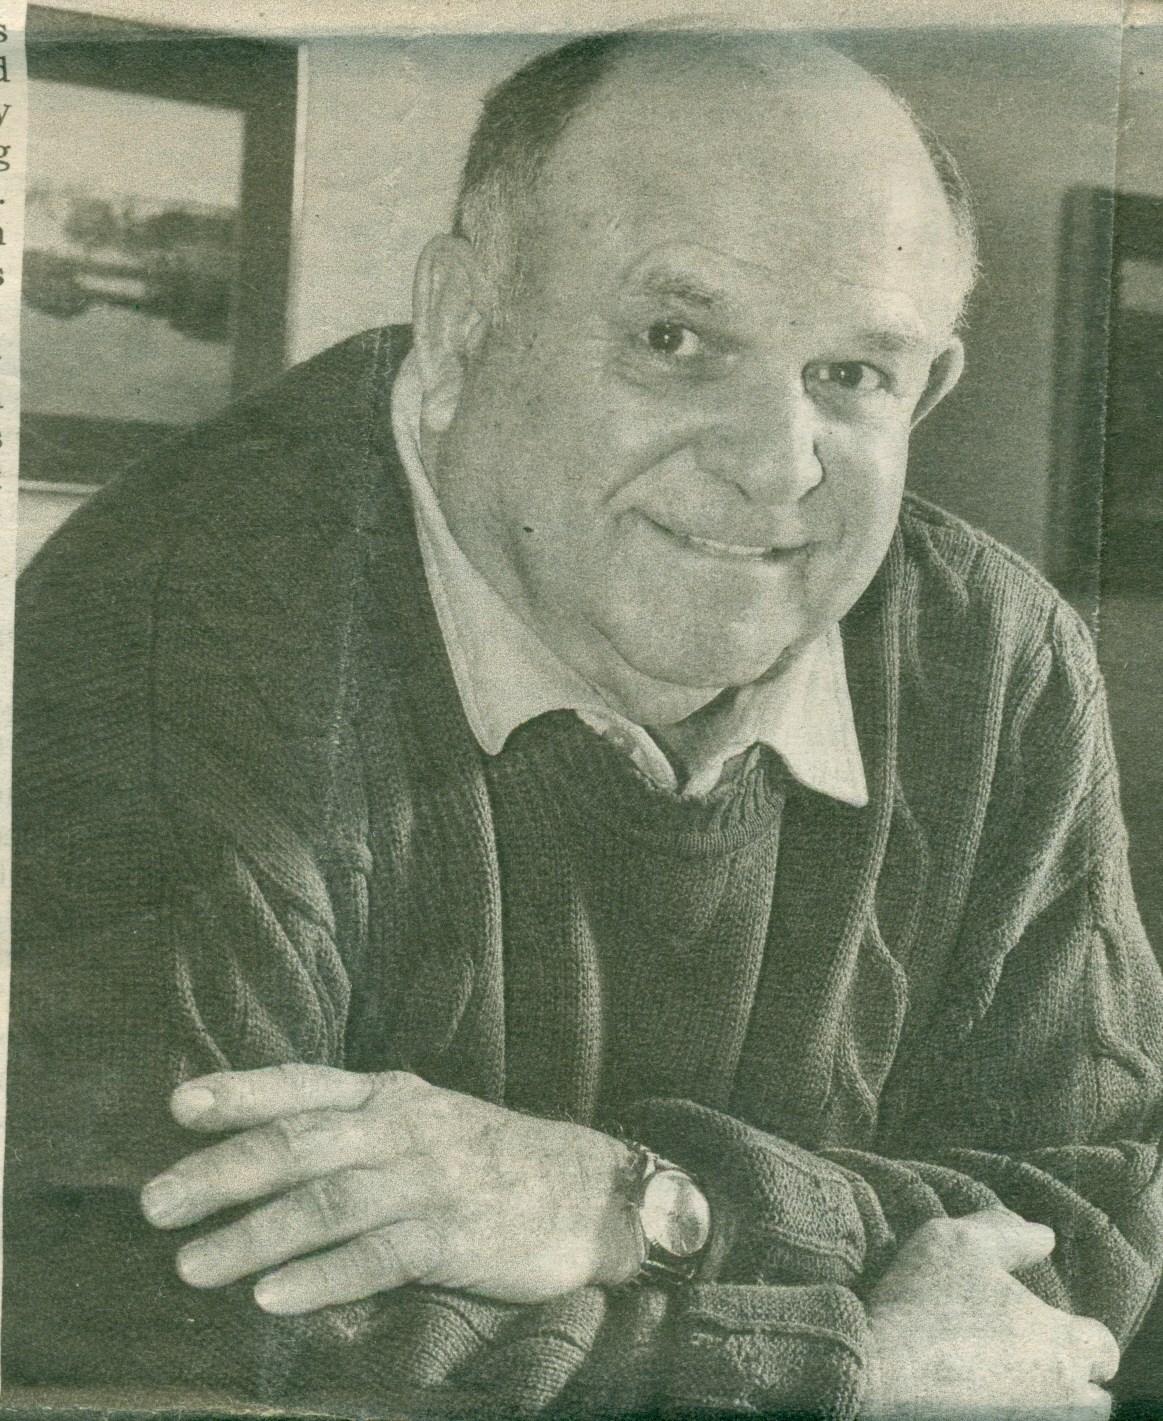 Ralph Lazzara III Obituary - Tampa, FL